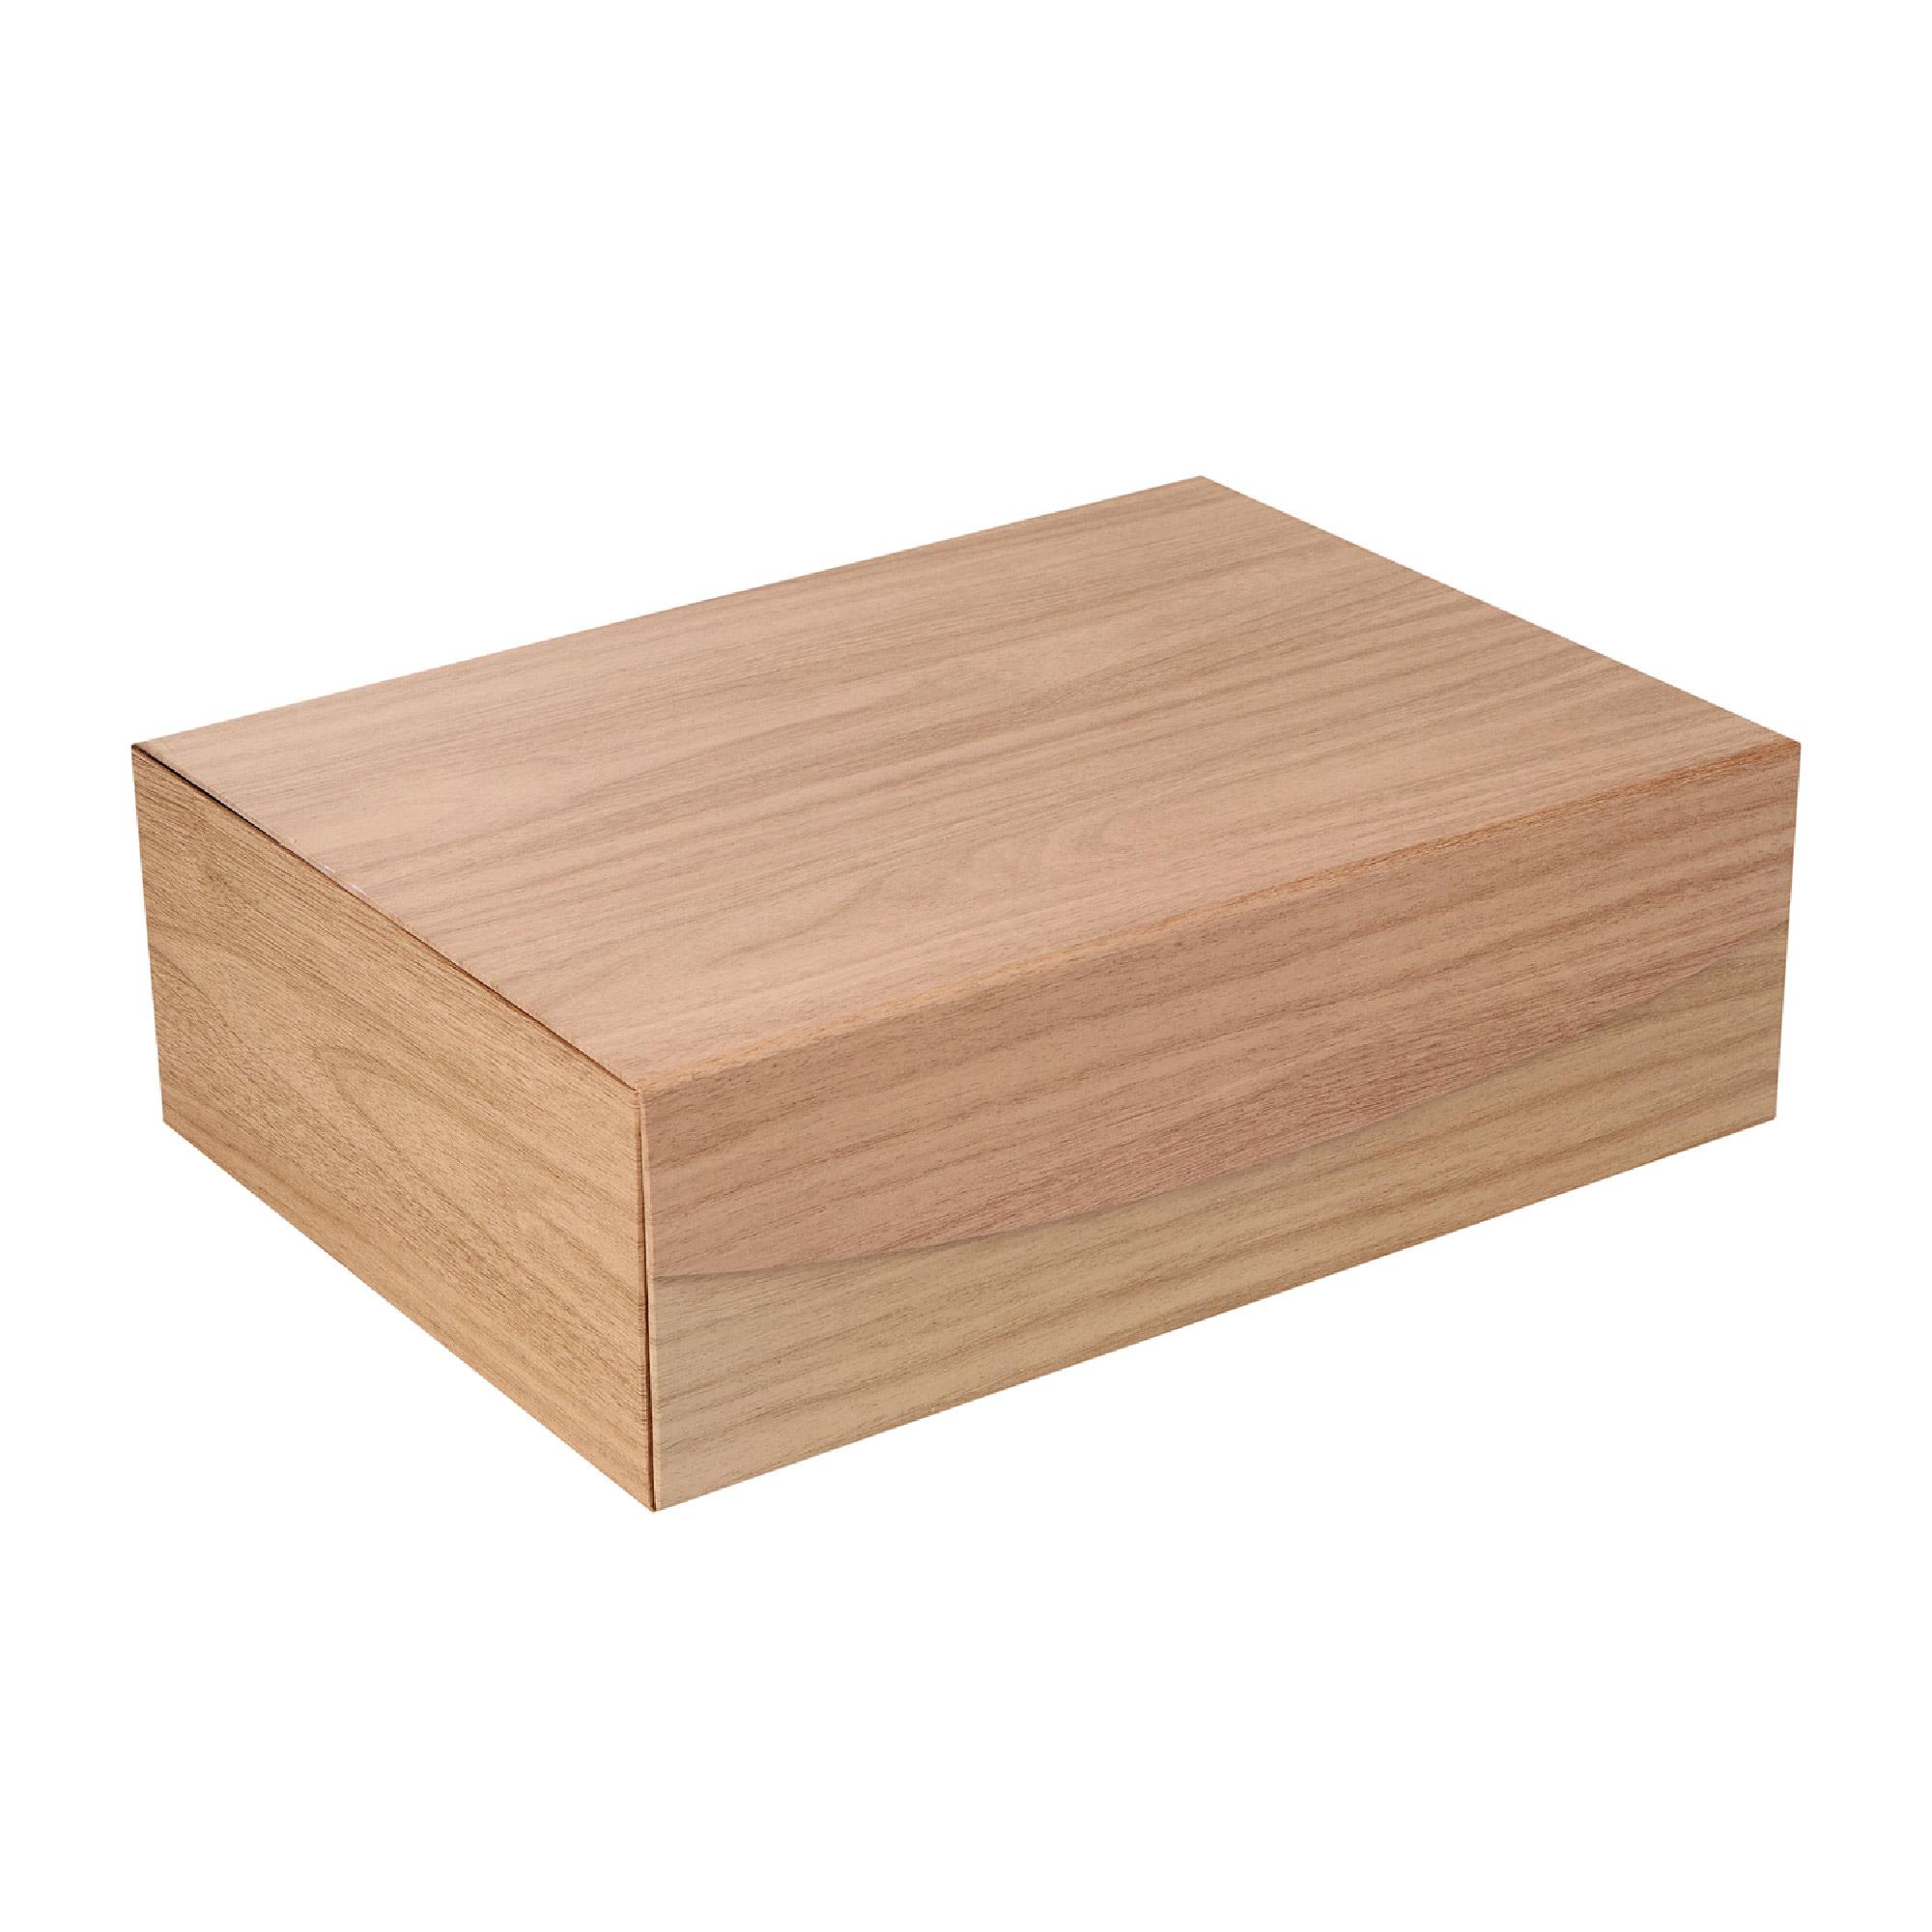 Коробка для хранения Cosatto 46х34х15.5 cosatto конверт к коляске wow cosatto fjord